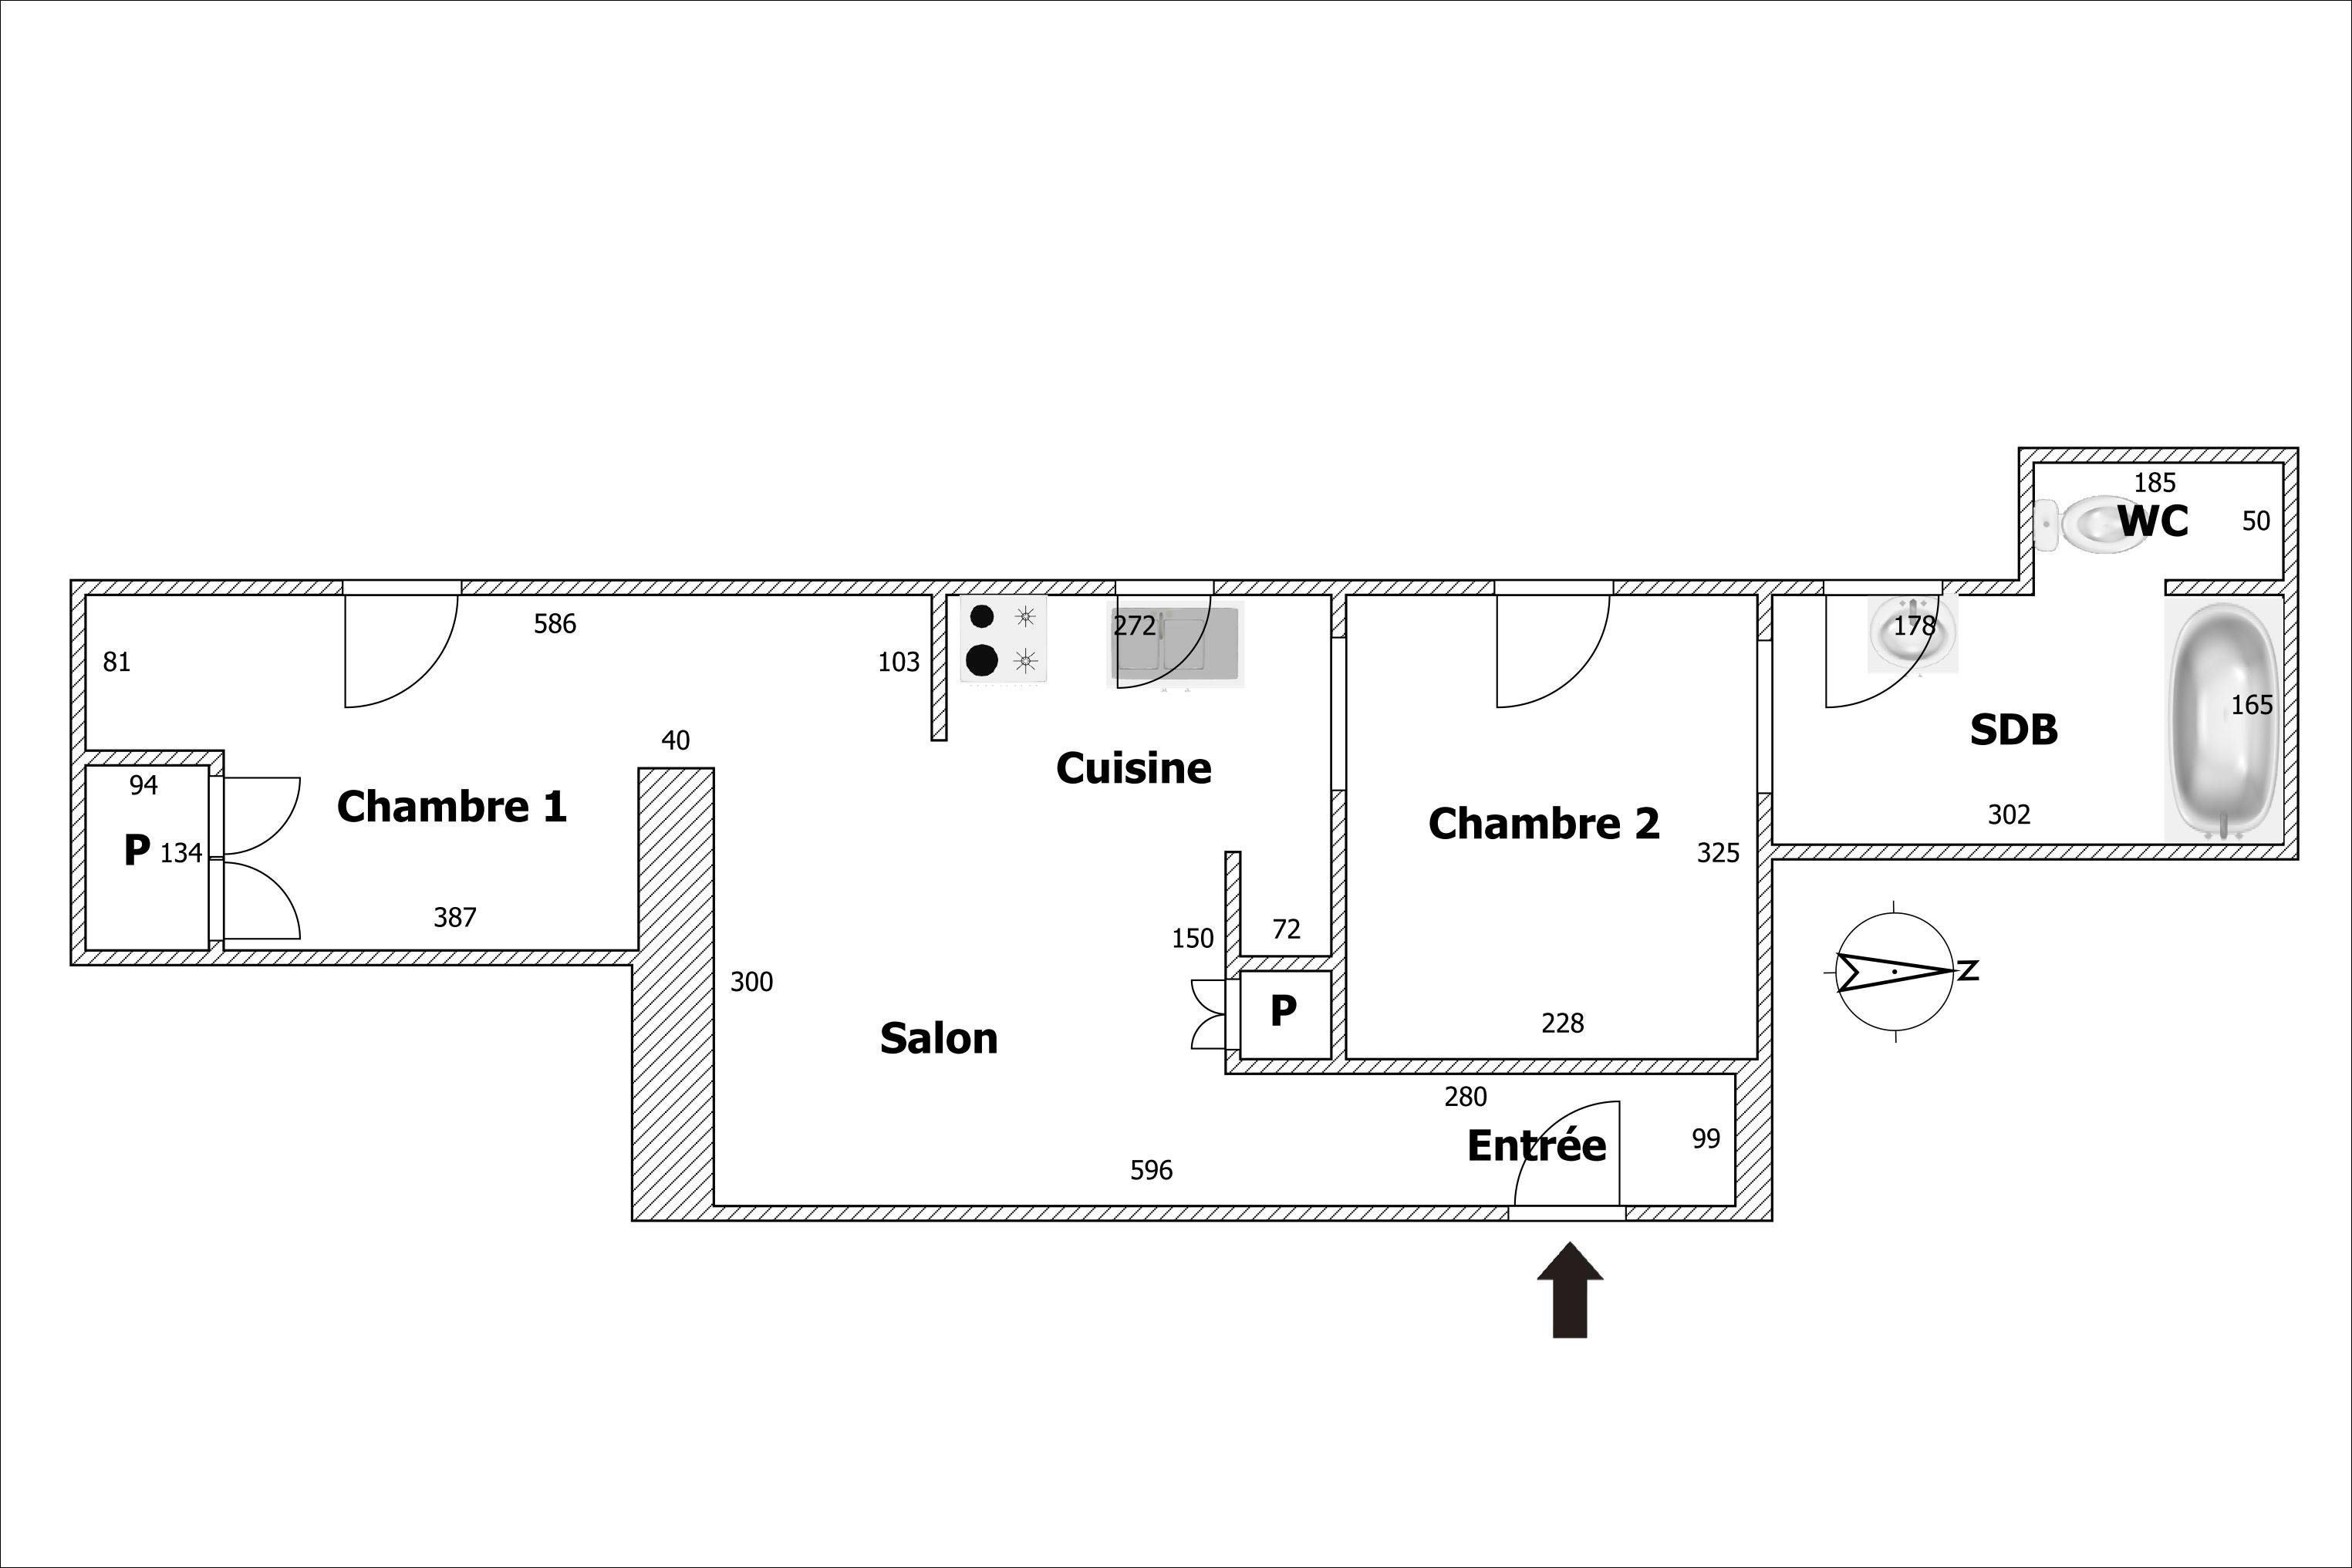 Vente 3 pièces 44 m2 75007 Paris